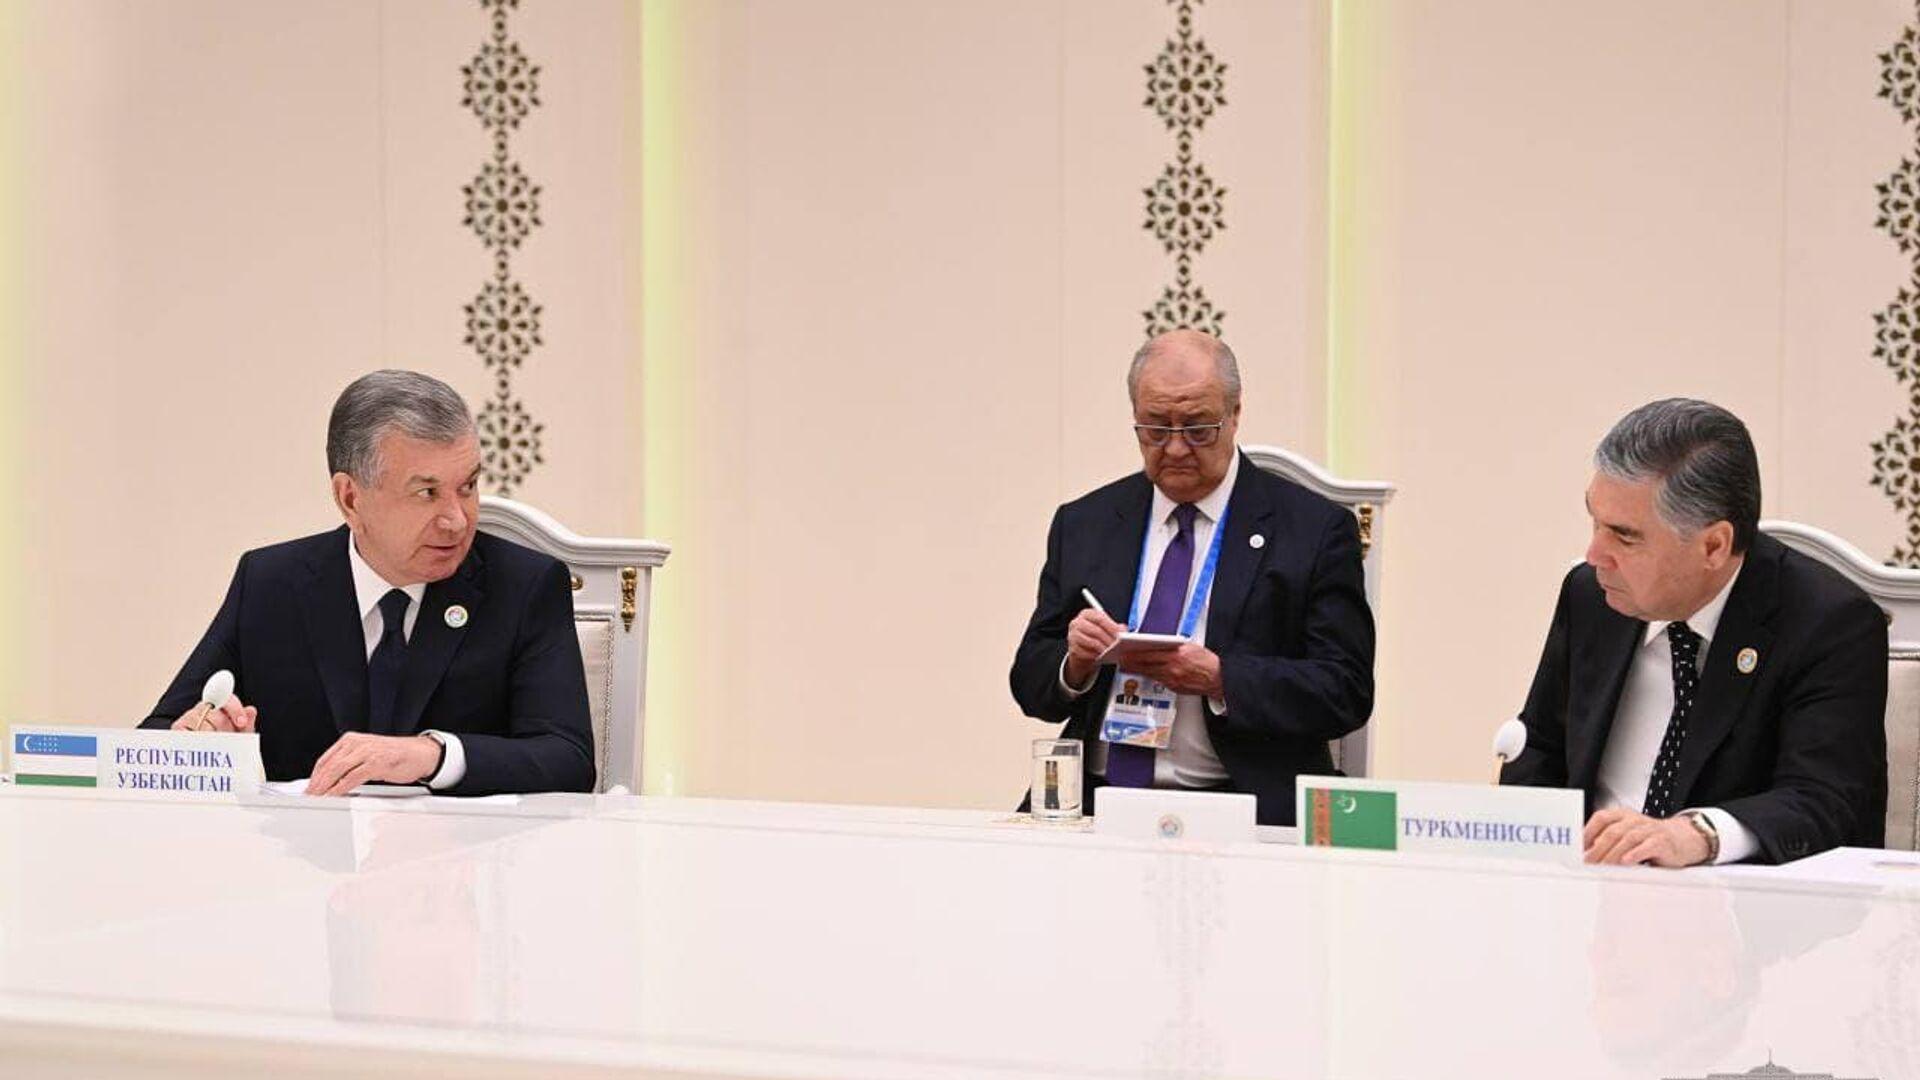 Президент Узбекистана выступил на Консультативной встрече глав государств Центральной Азии - Sputnik Тоҷикистон, 1920, 05.10.2021